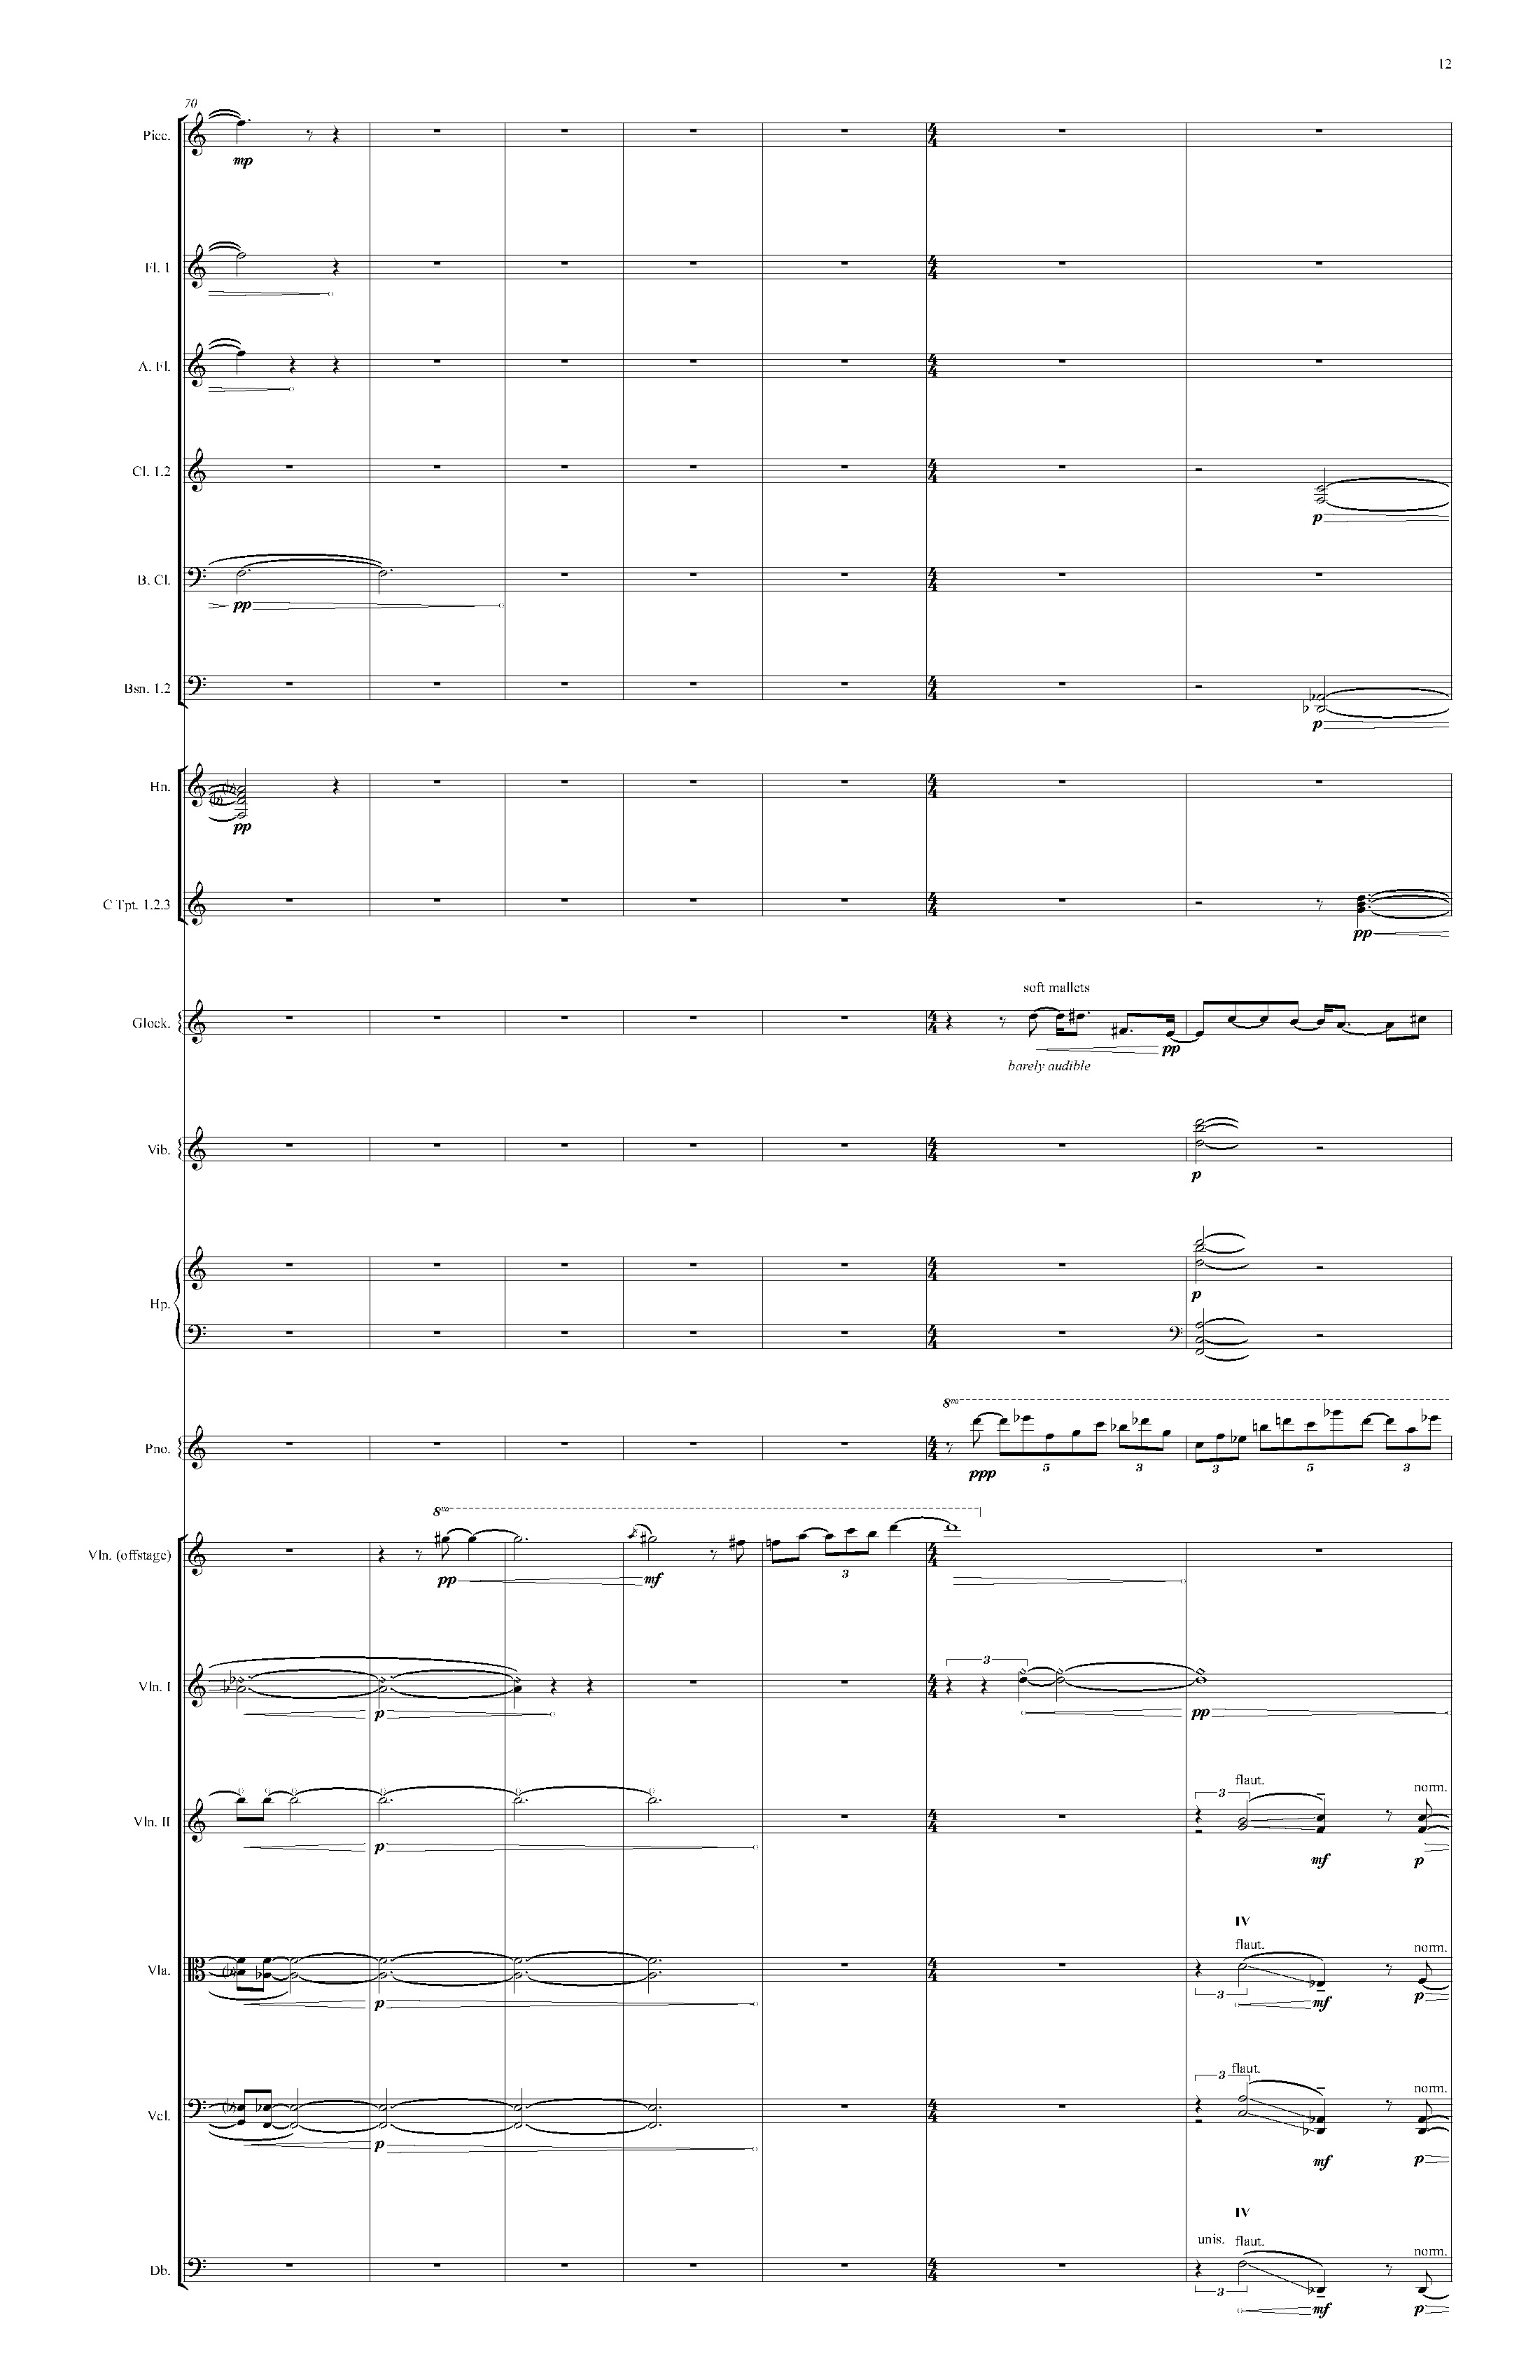 Kolmanskop 4-4-17 score - Full Score_Seite_15.jpg